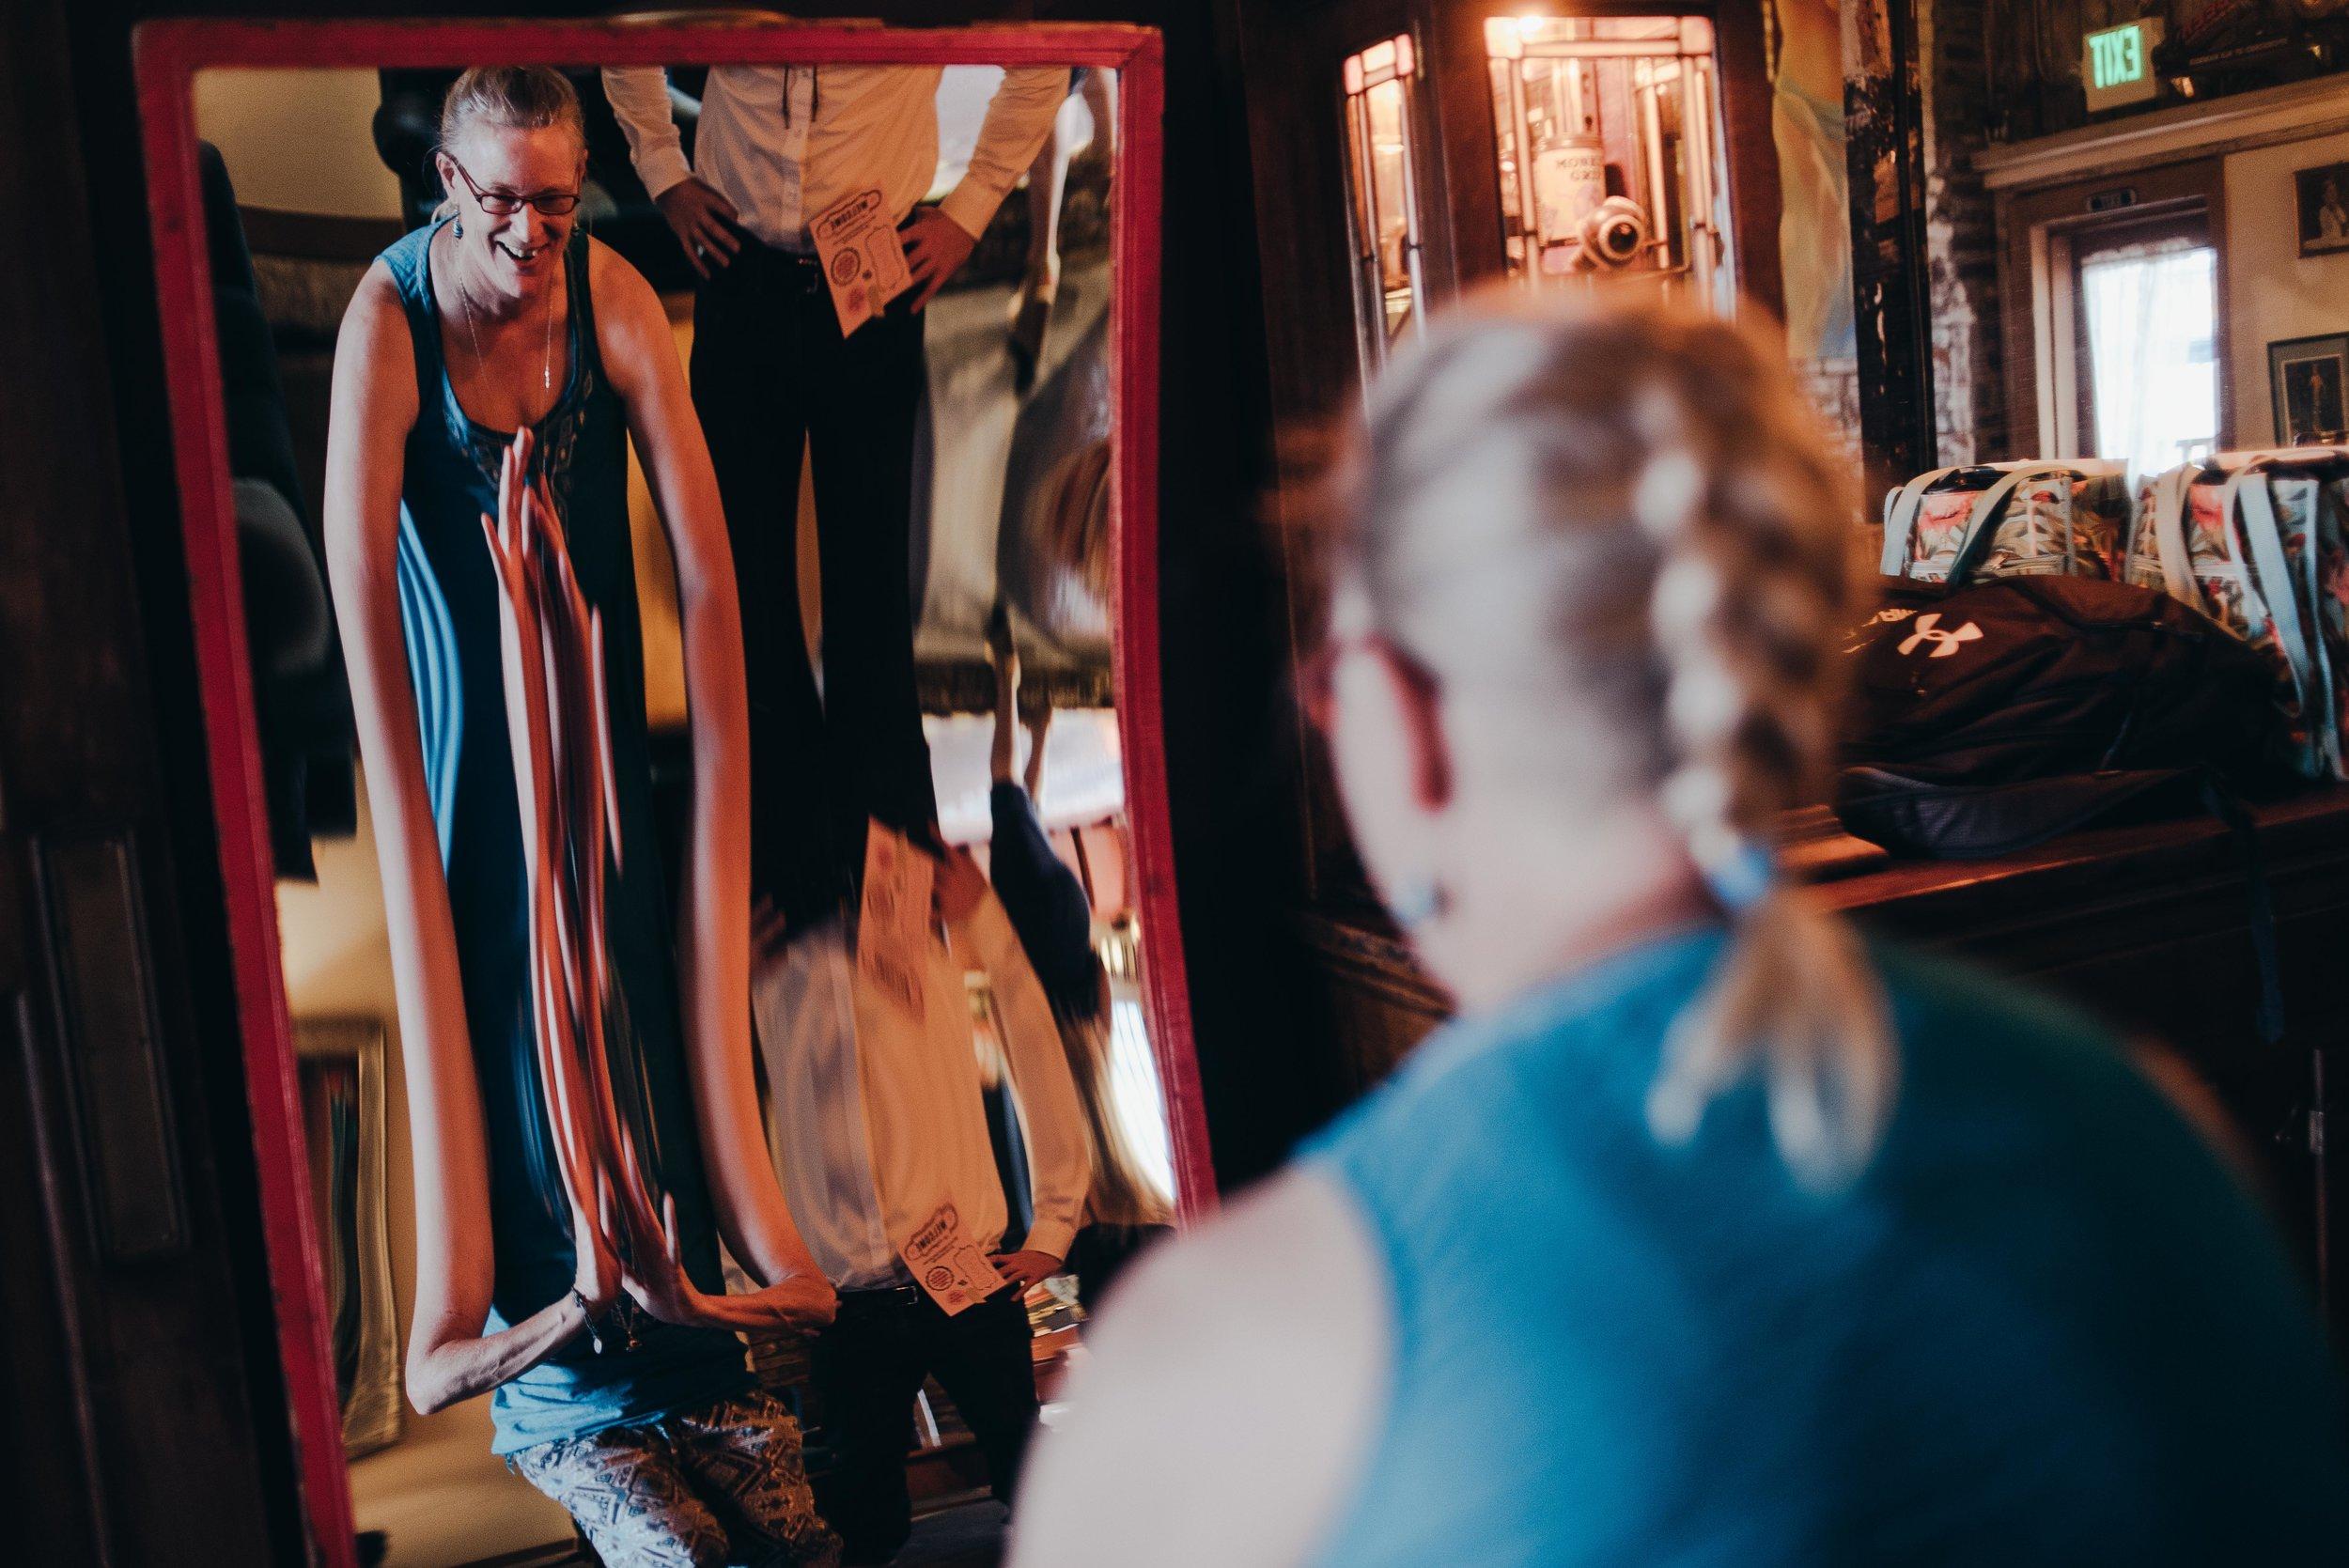 KennyandBennyWeddingBlog-63.jpg